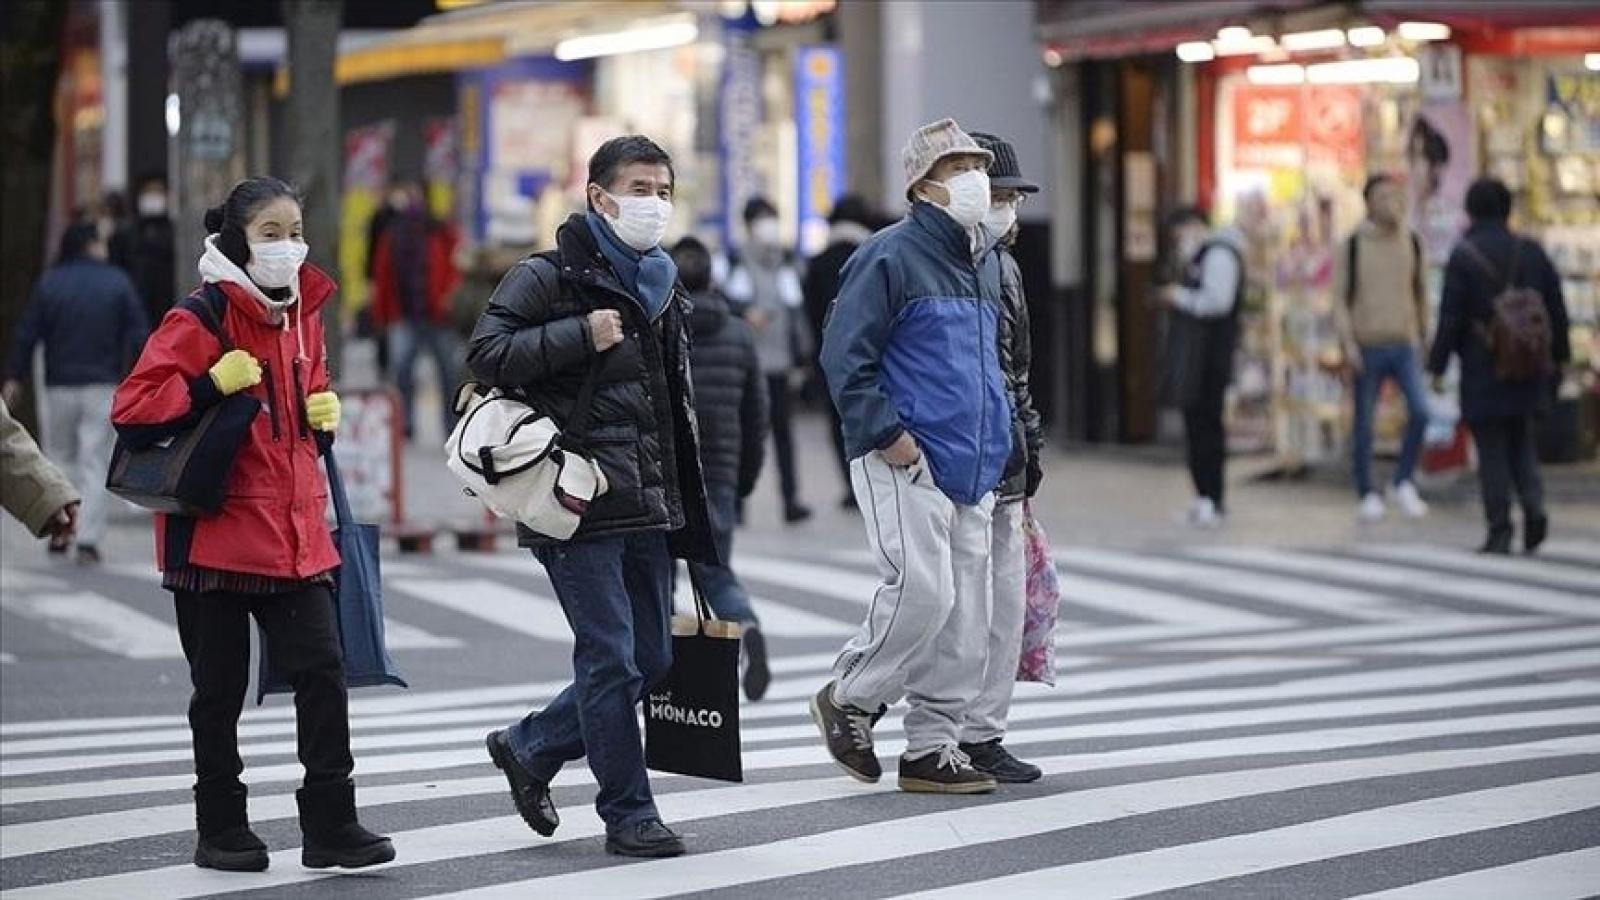 Nhật Bản nỗ lực ngăn chặn nguy cơ làn sóng Covid-19 thứ 4